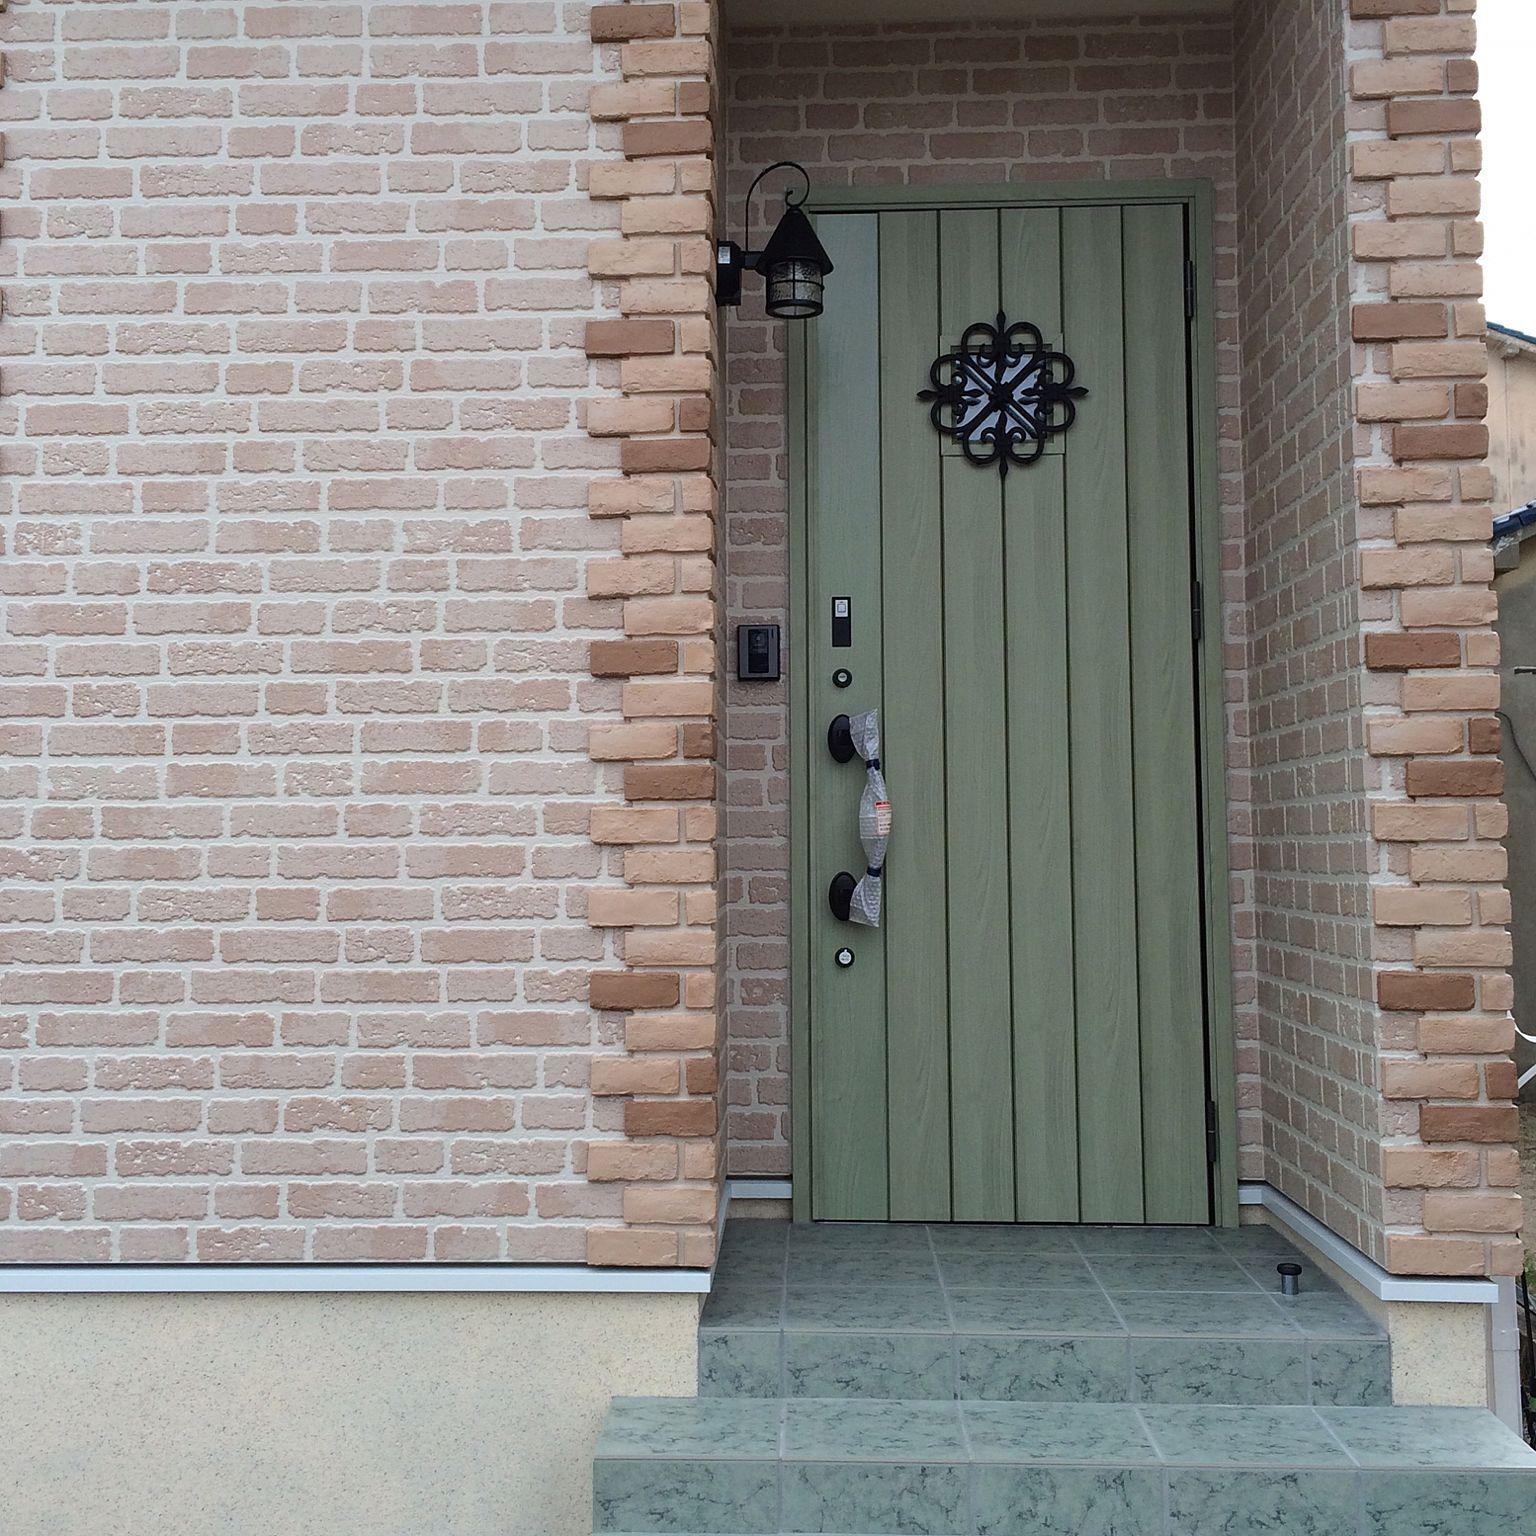 玄関 入り口 タイル レンガ グリーン リクシルの玄関ドア などの